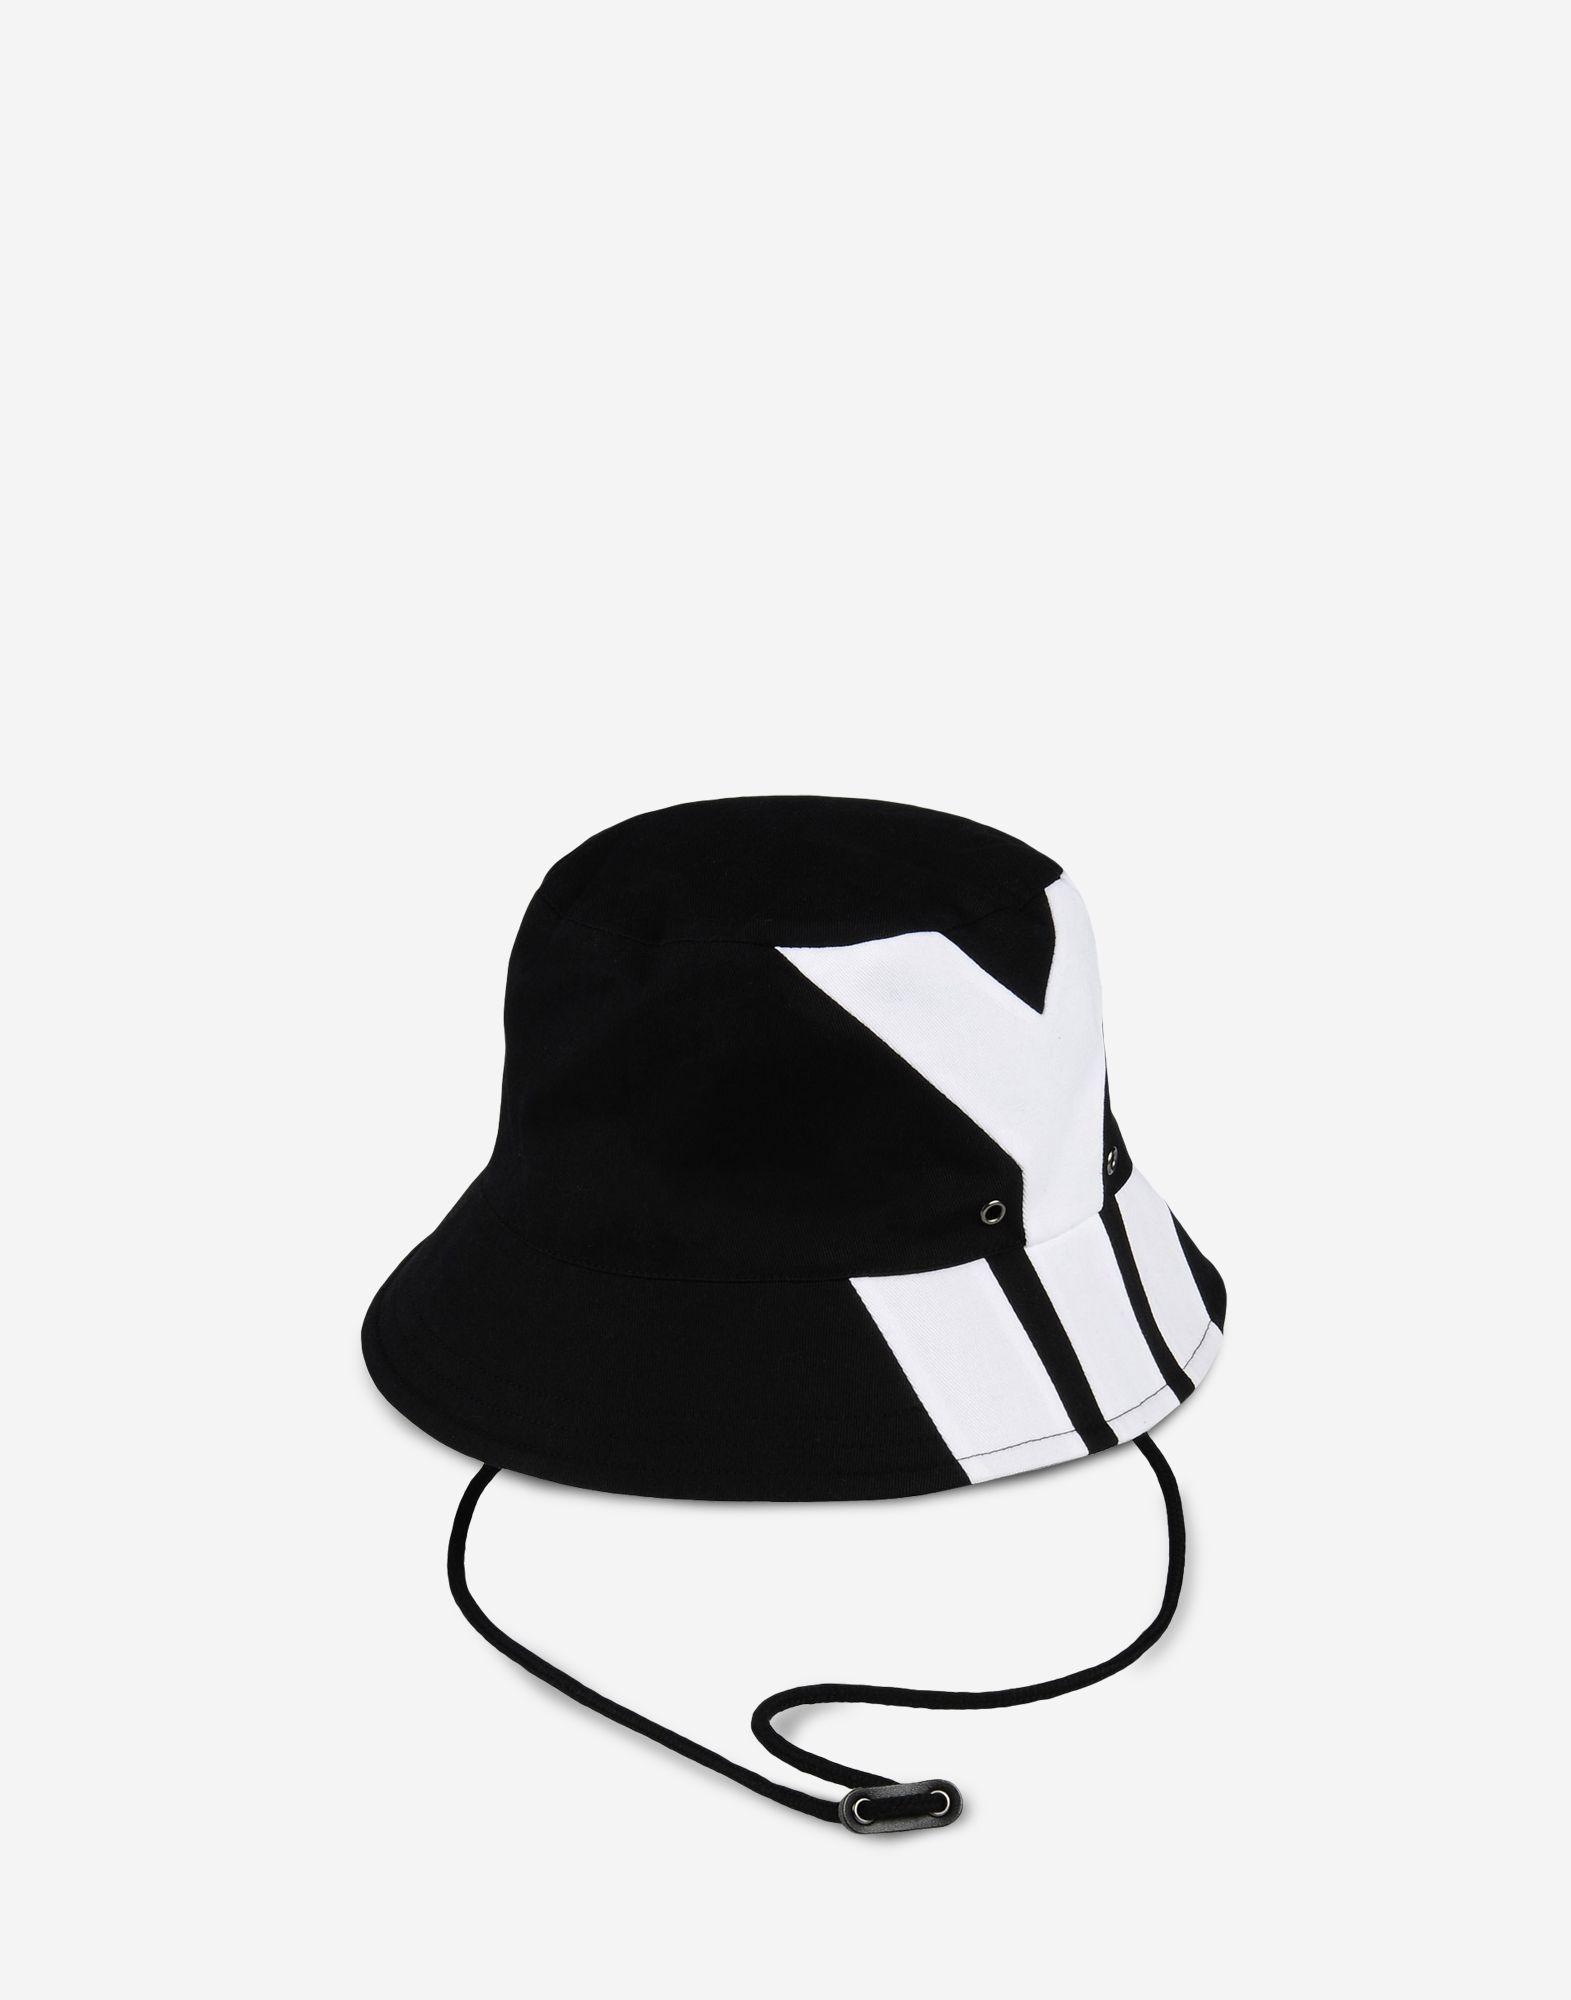 y_y-3 online store -, y-3 summer bucket hat